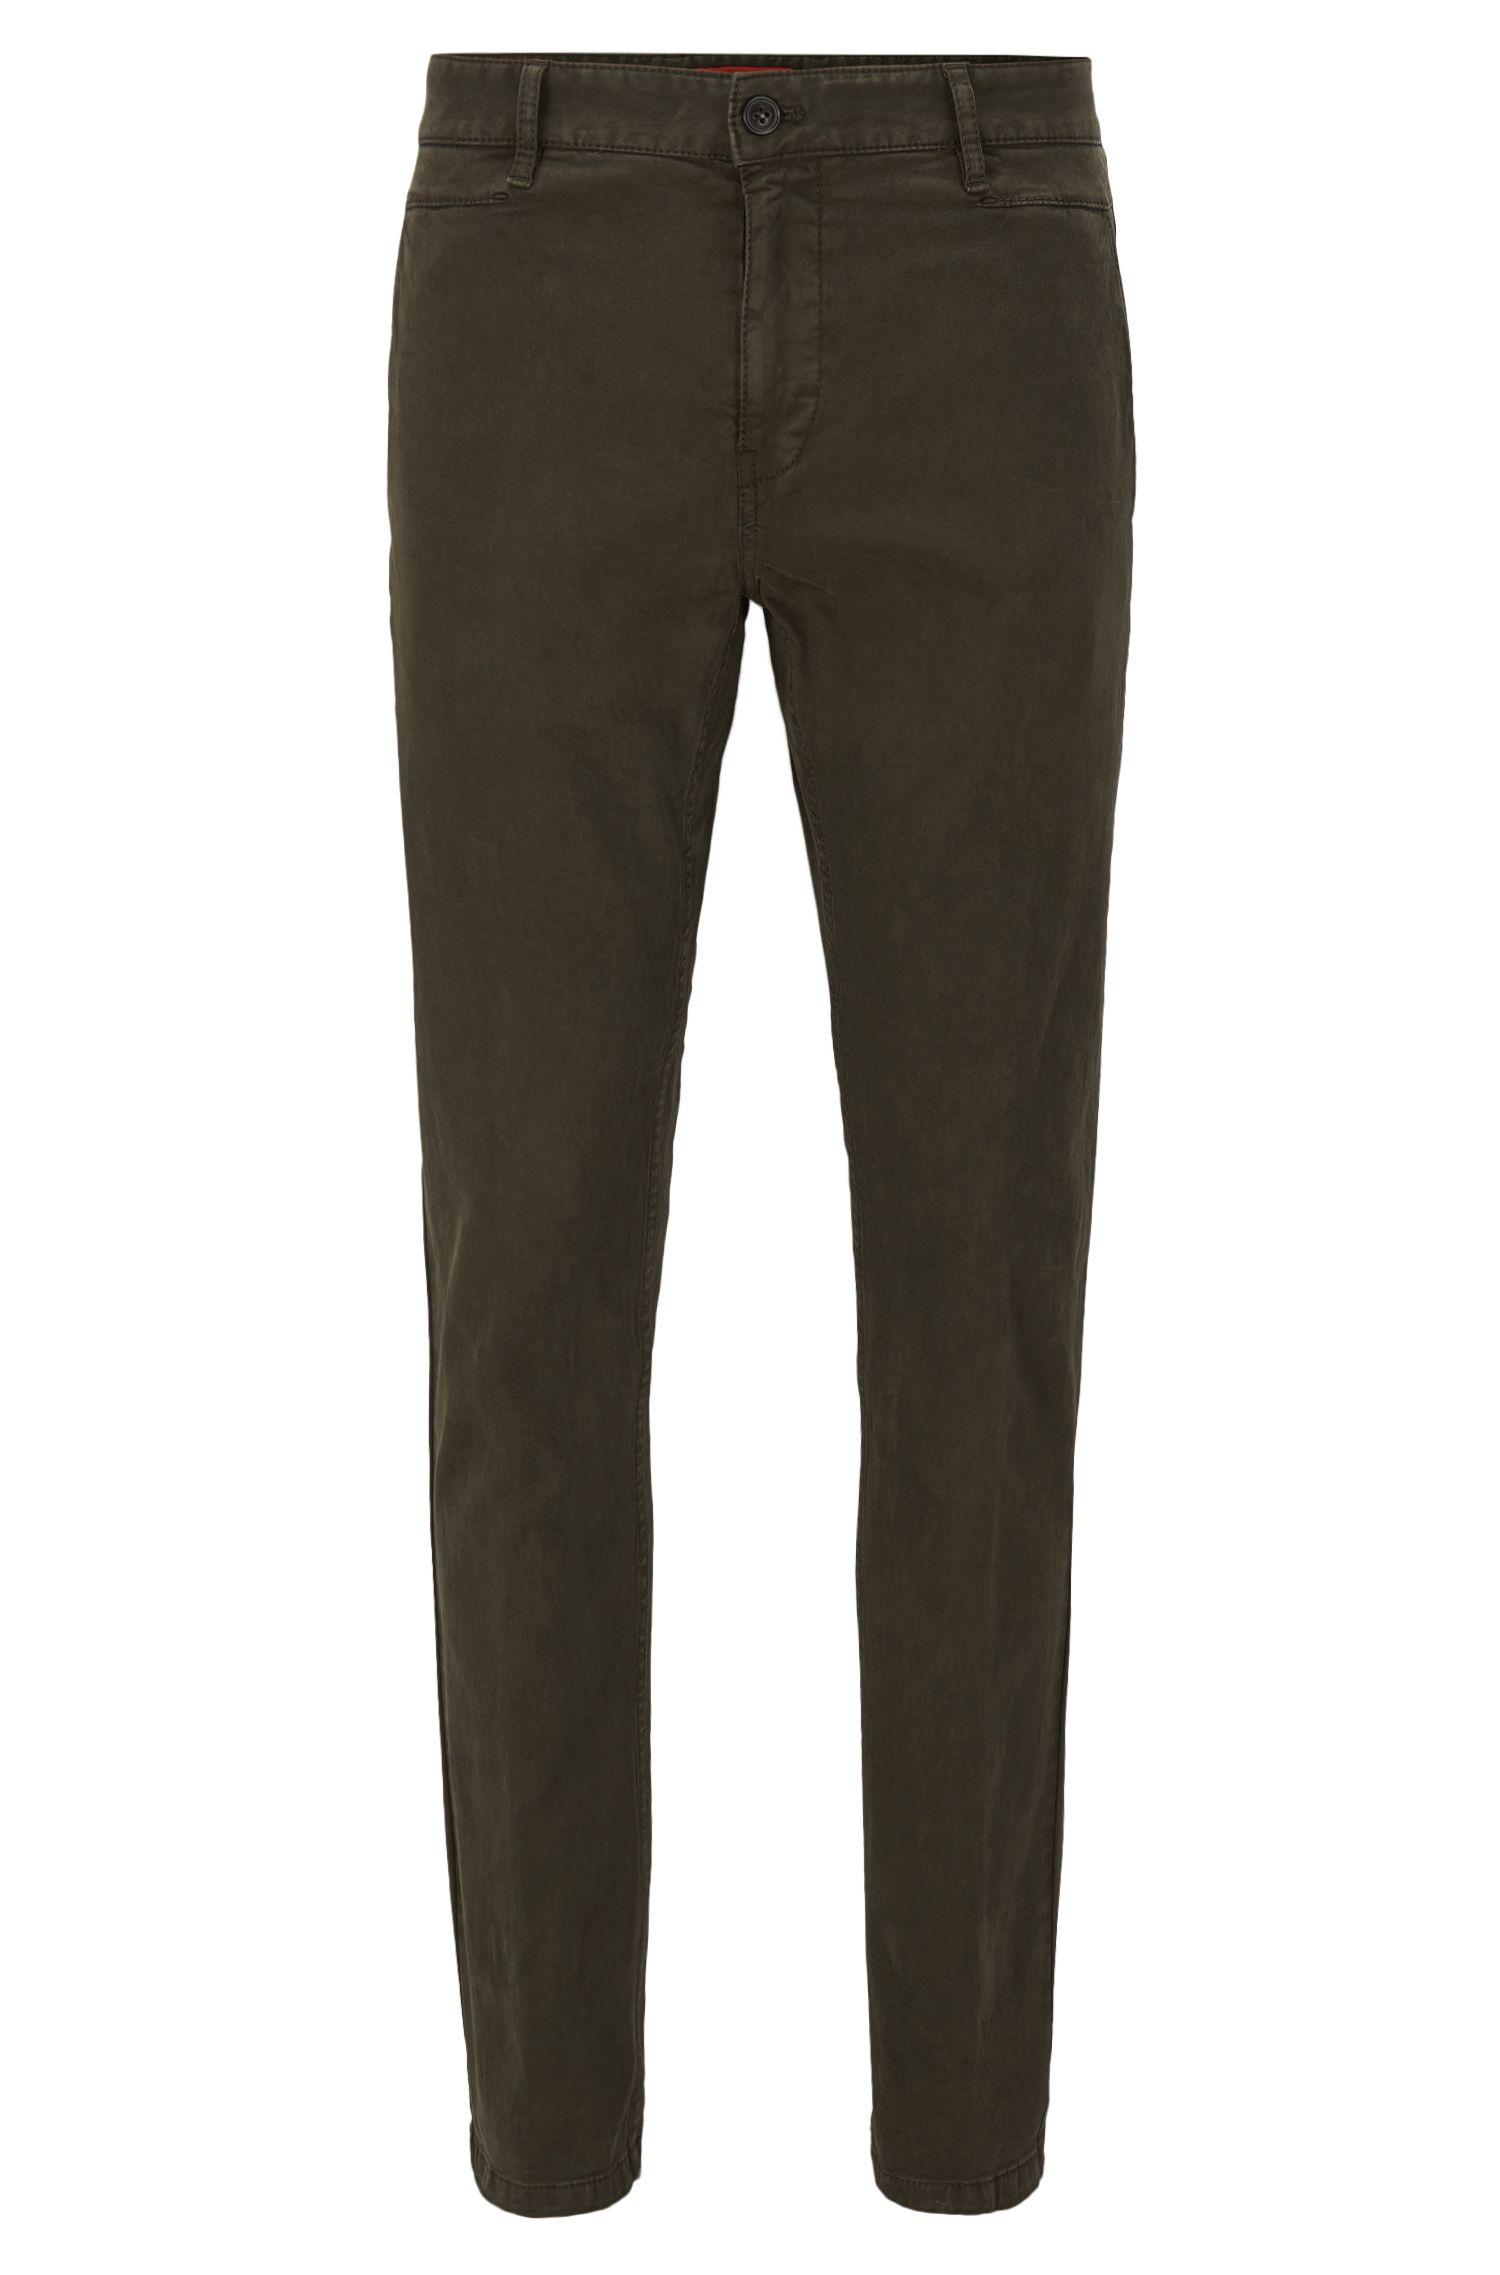 Pantalon Slim Fit en sergé brisé de coton stretch